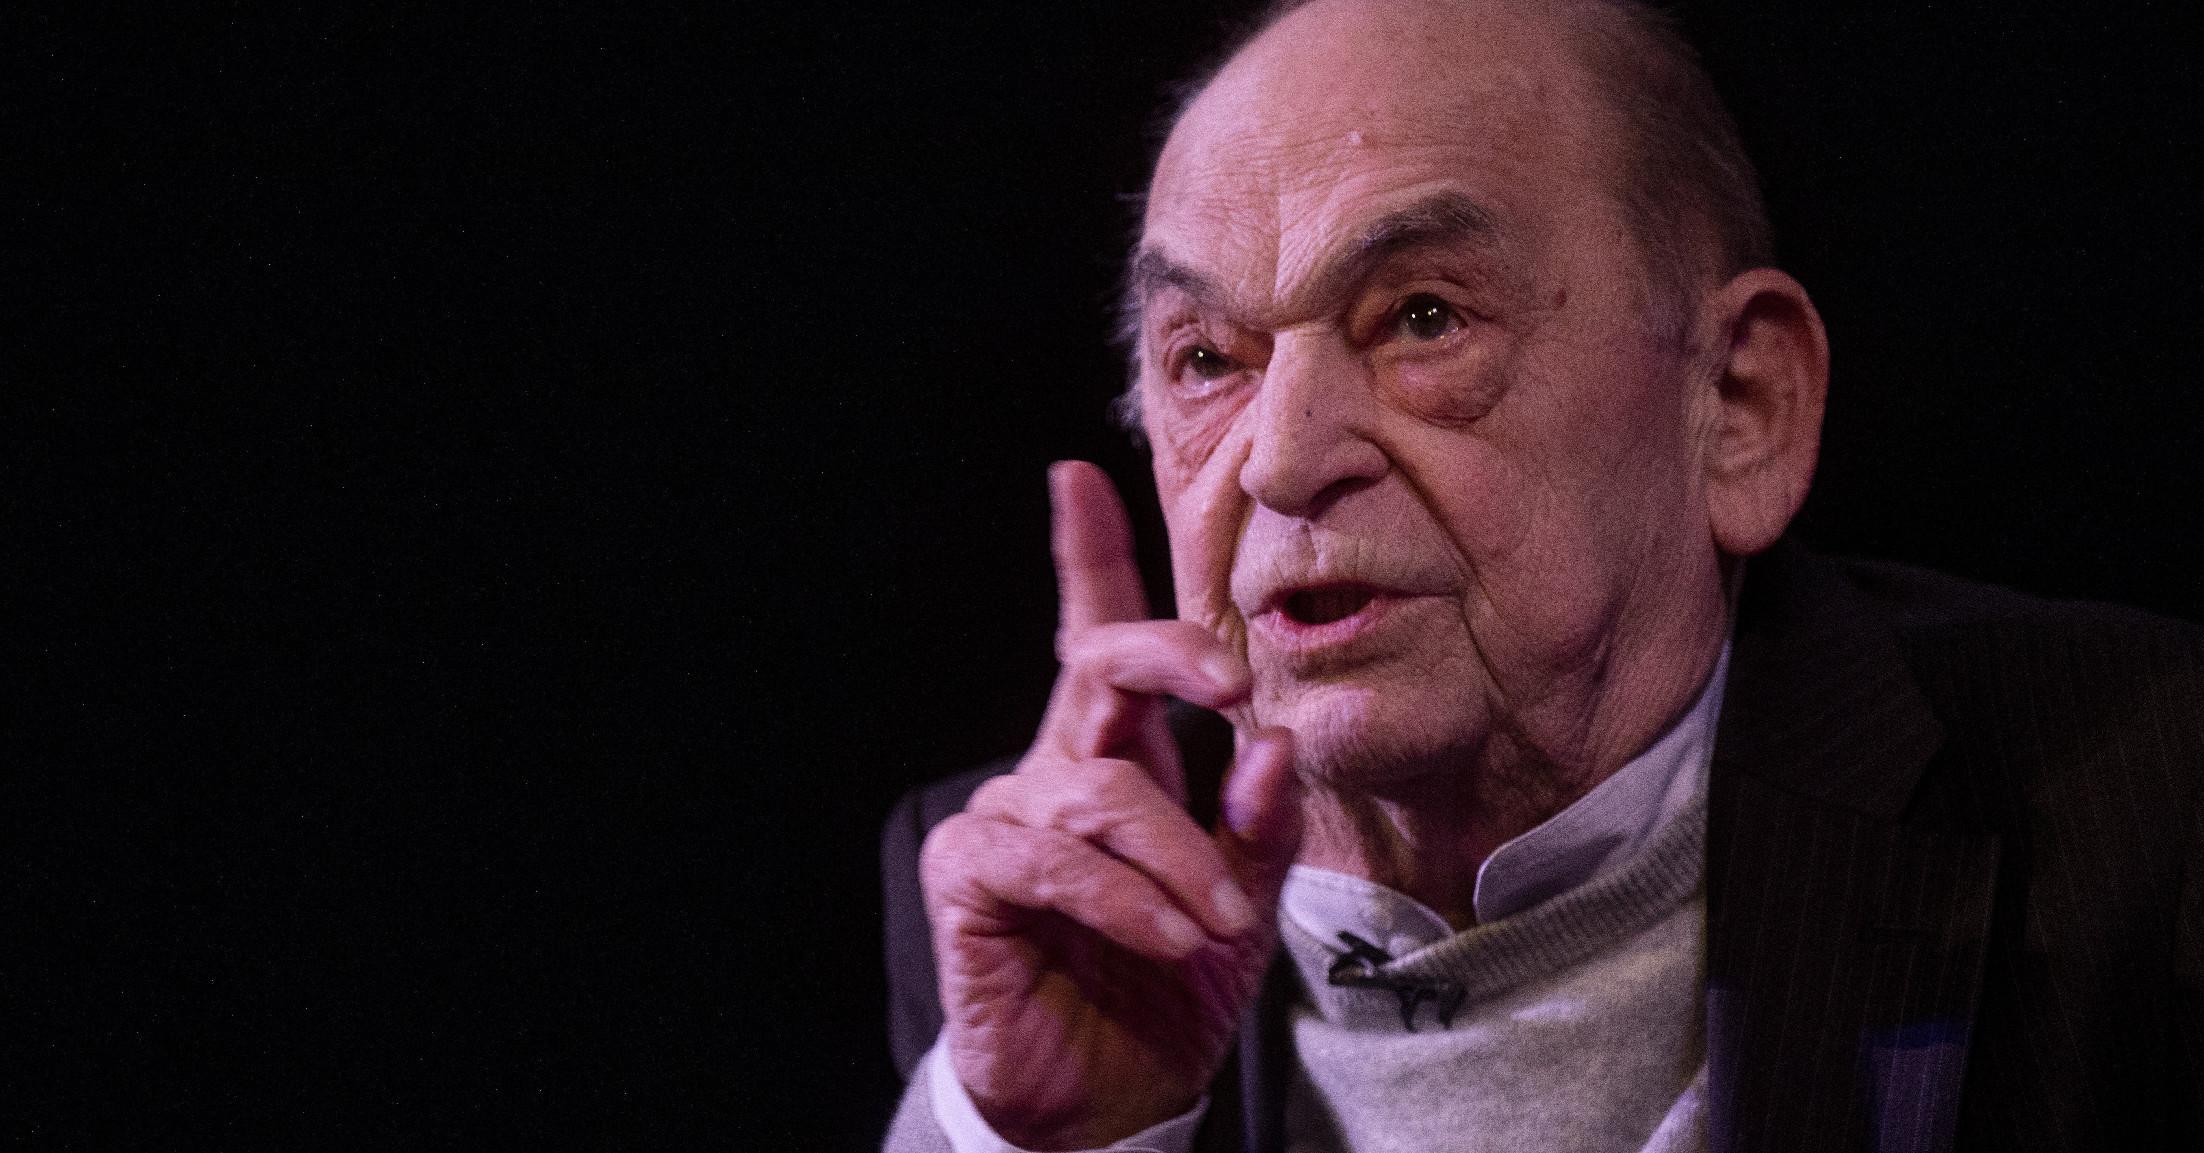 Bodrogi Gyula: A vasárnap.hu főszerkesztőjét a náci kijelentései miatt meg kell büntetni